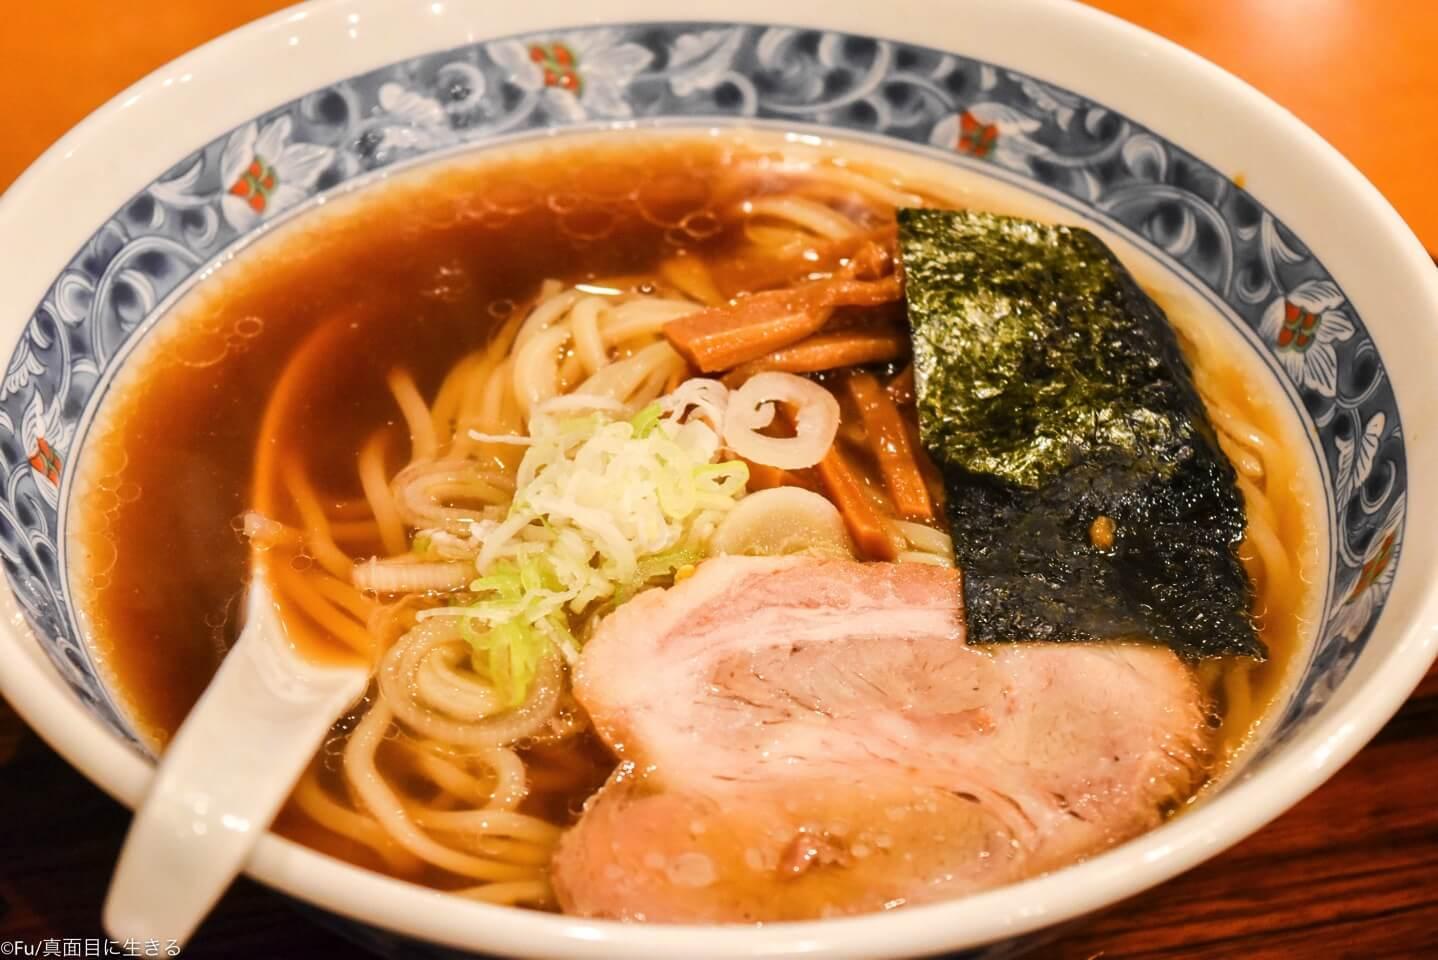 【食レポ】「好日」東中野駅近のラーメン屋 店内禁煙、やさしい味で女性や家族連れにオススメ